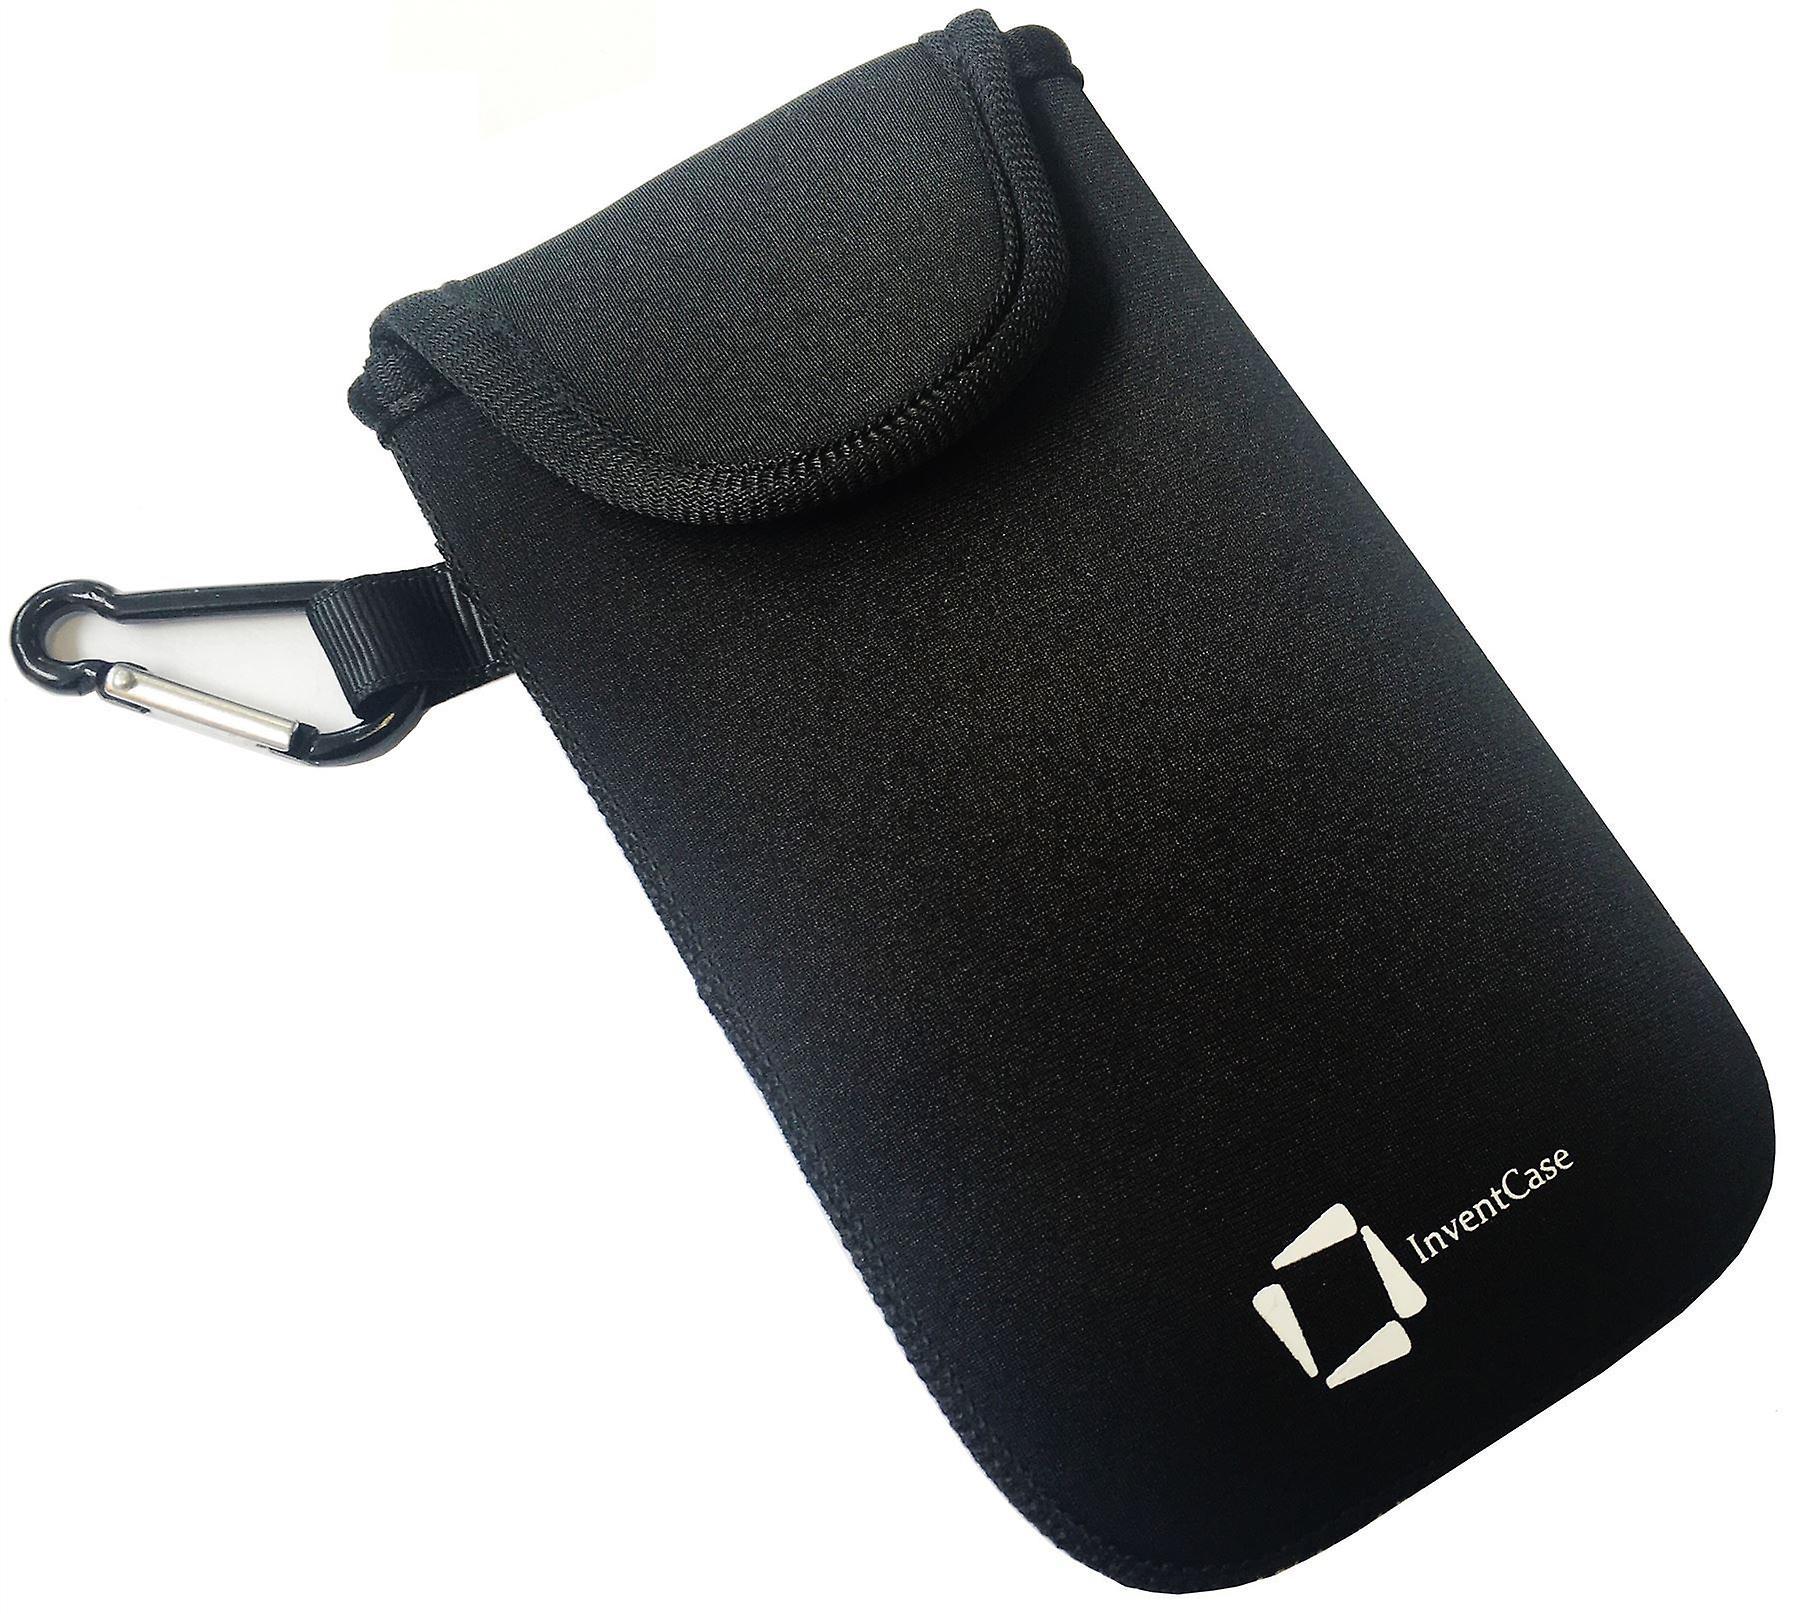 حقيبة تغطية القضية الحقيبة واقية مقاومة لتأثير النيوبرين إينفينتكاسي مع إغلاق Velcro و Carabiner الألومنيوم للعلاقة جوجل 5-أسود